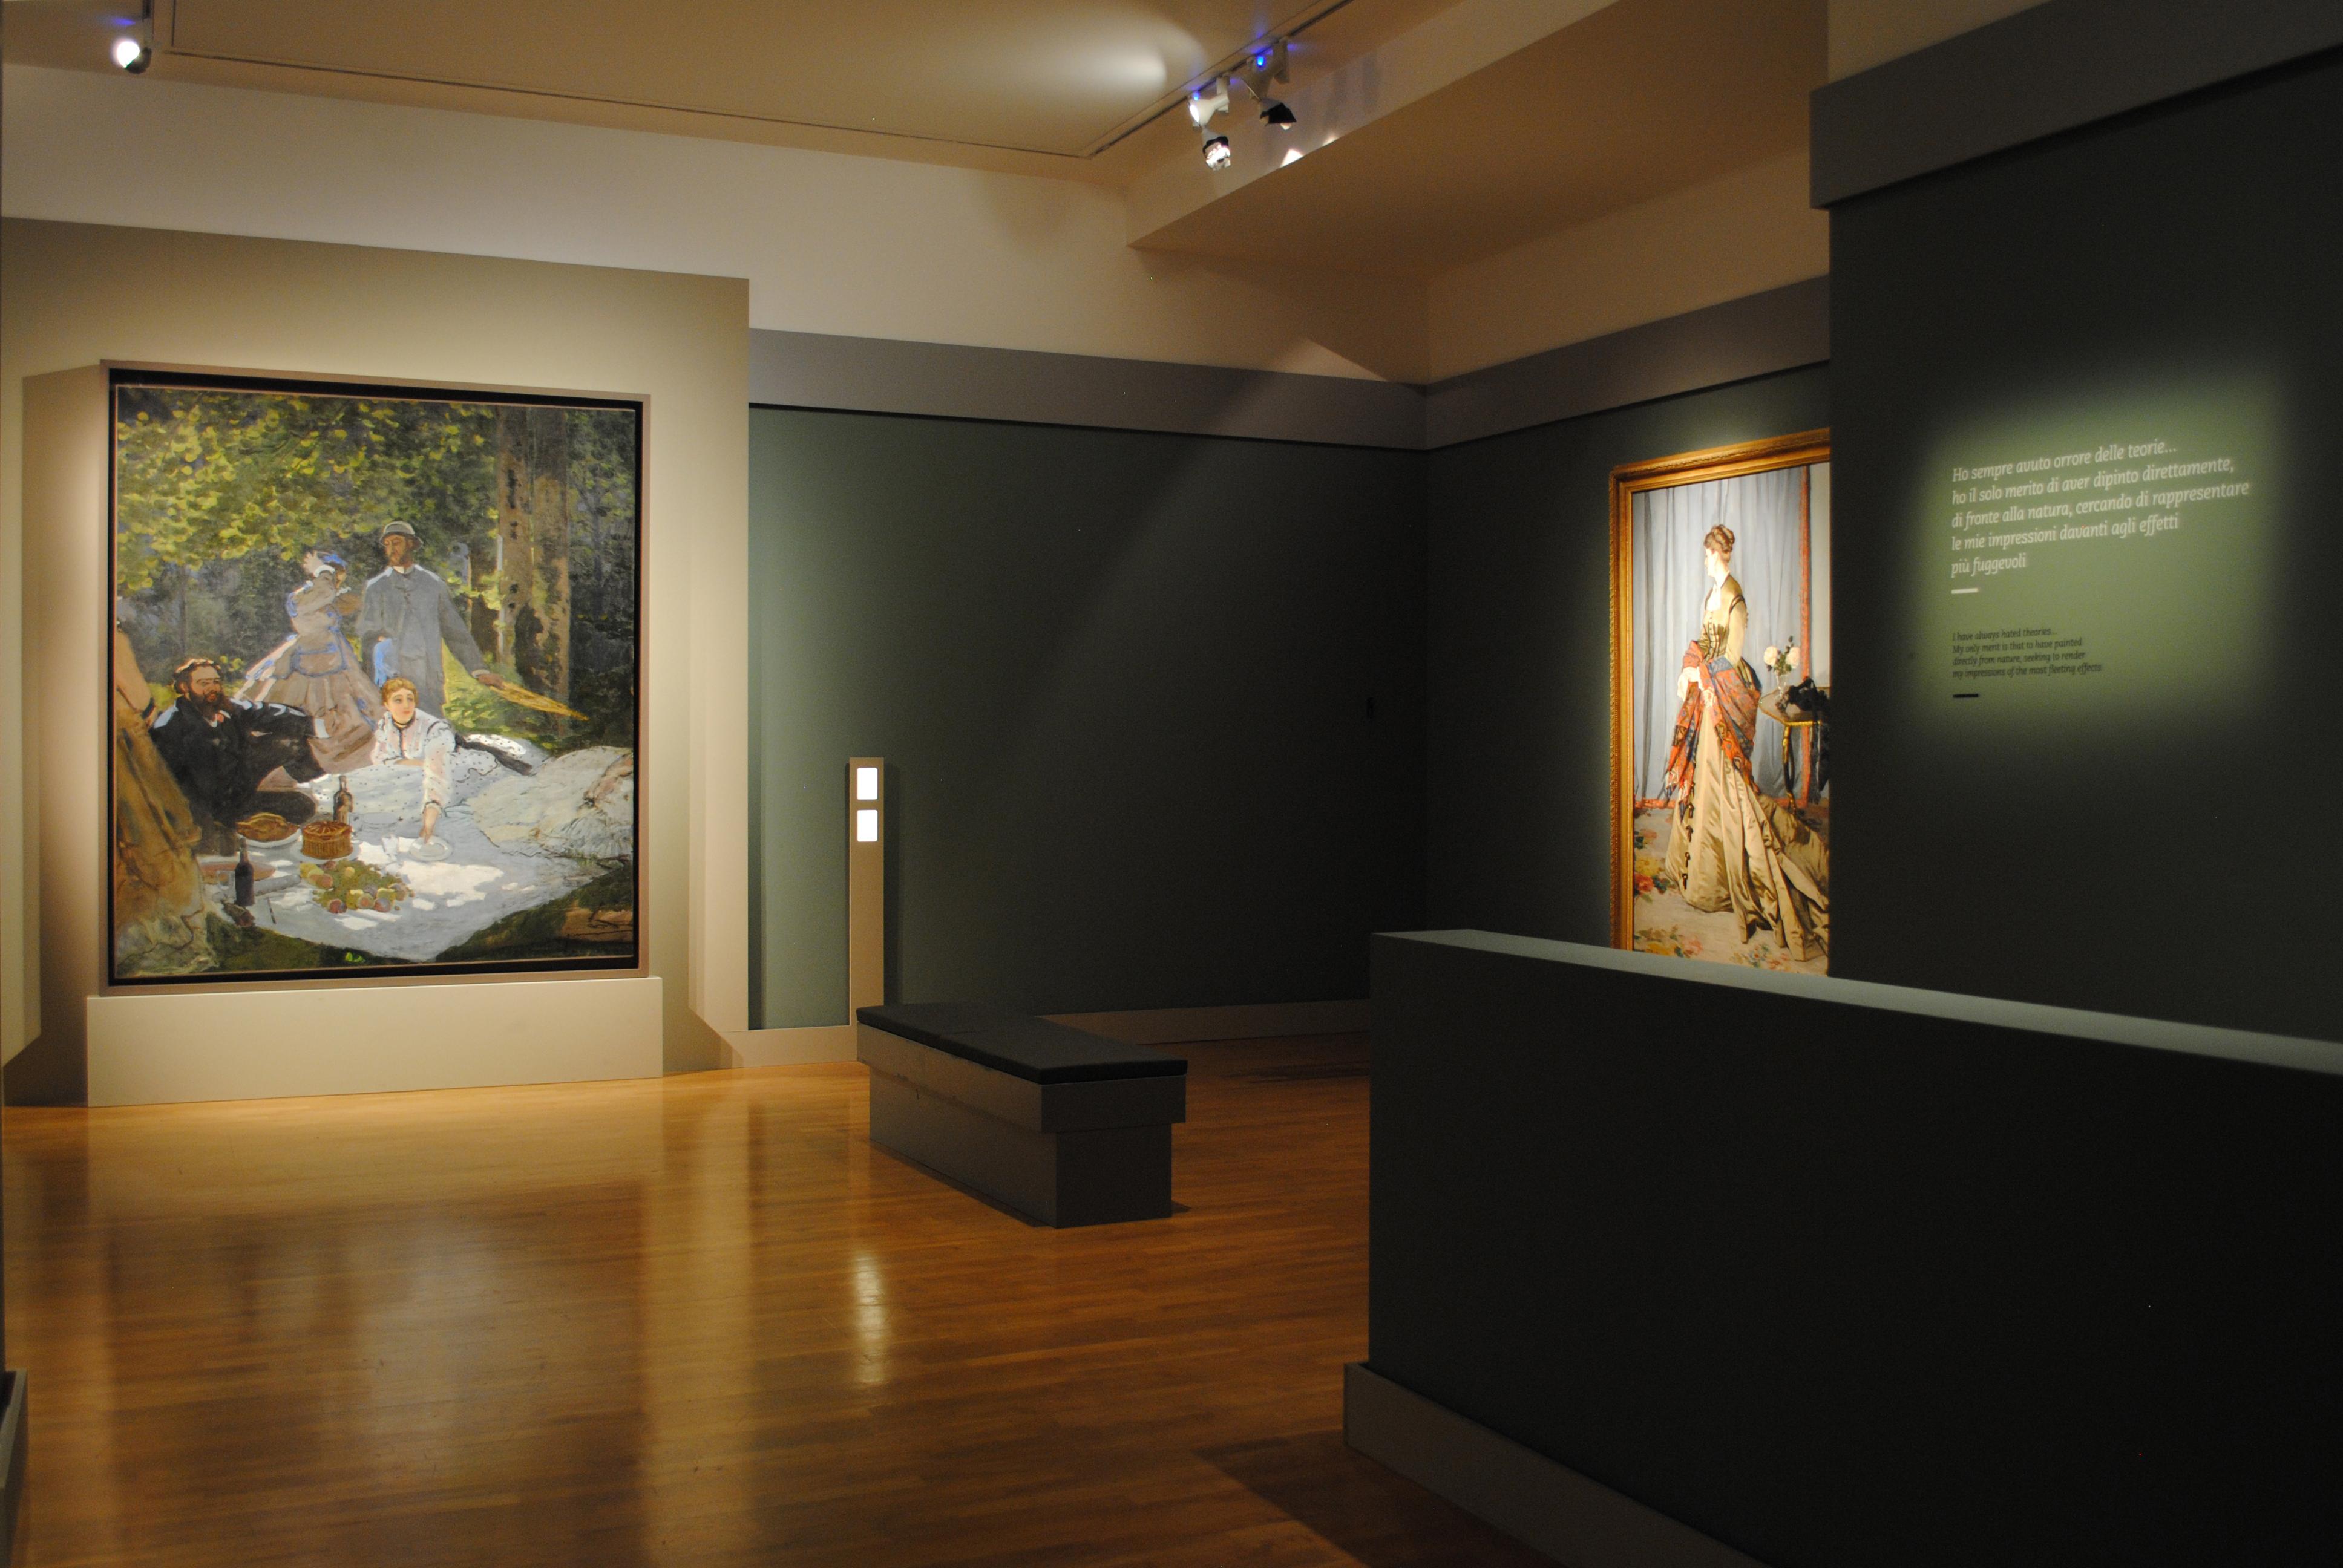 La mostra di Monet a Torino